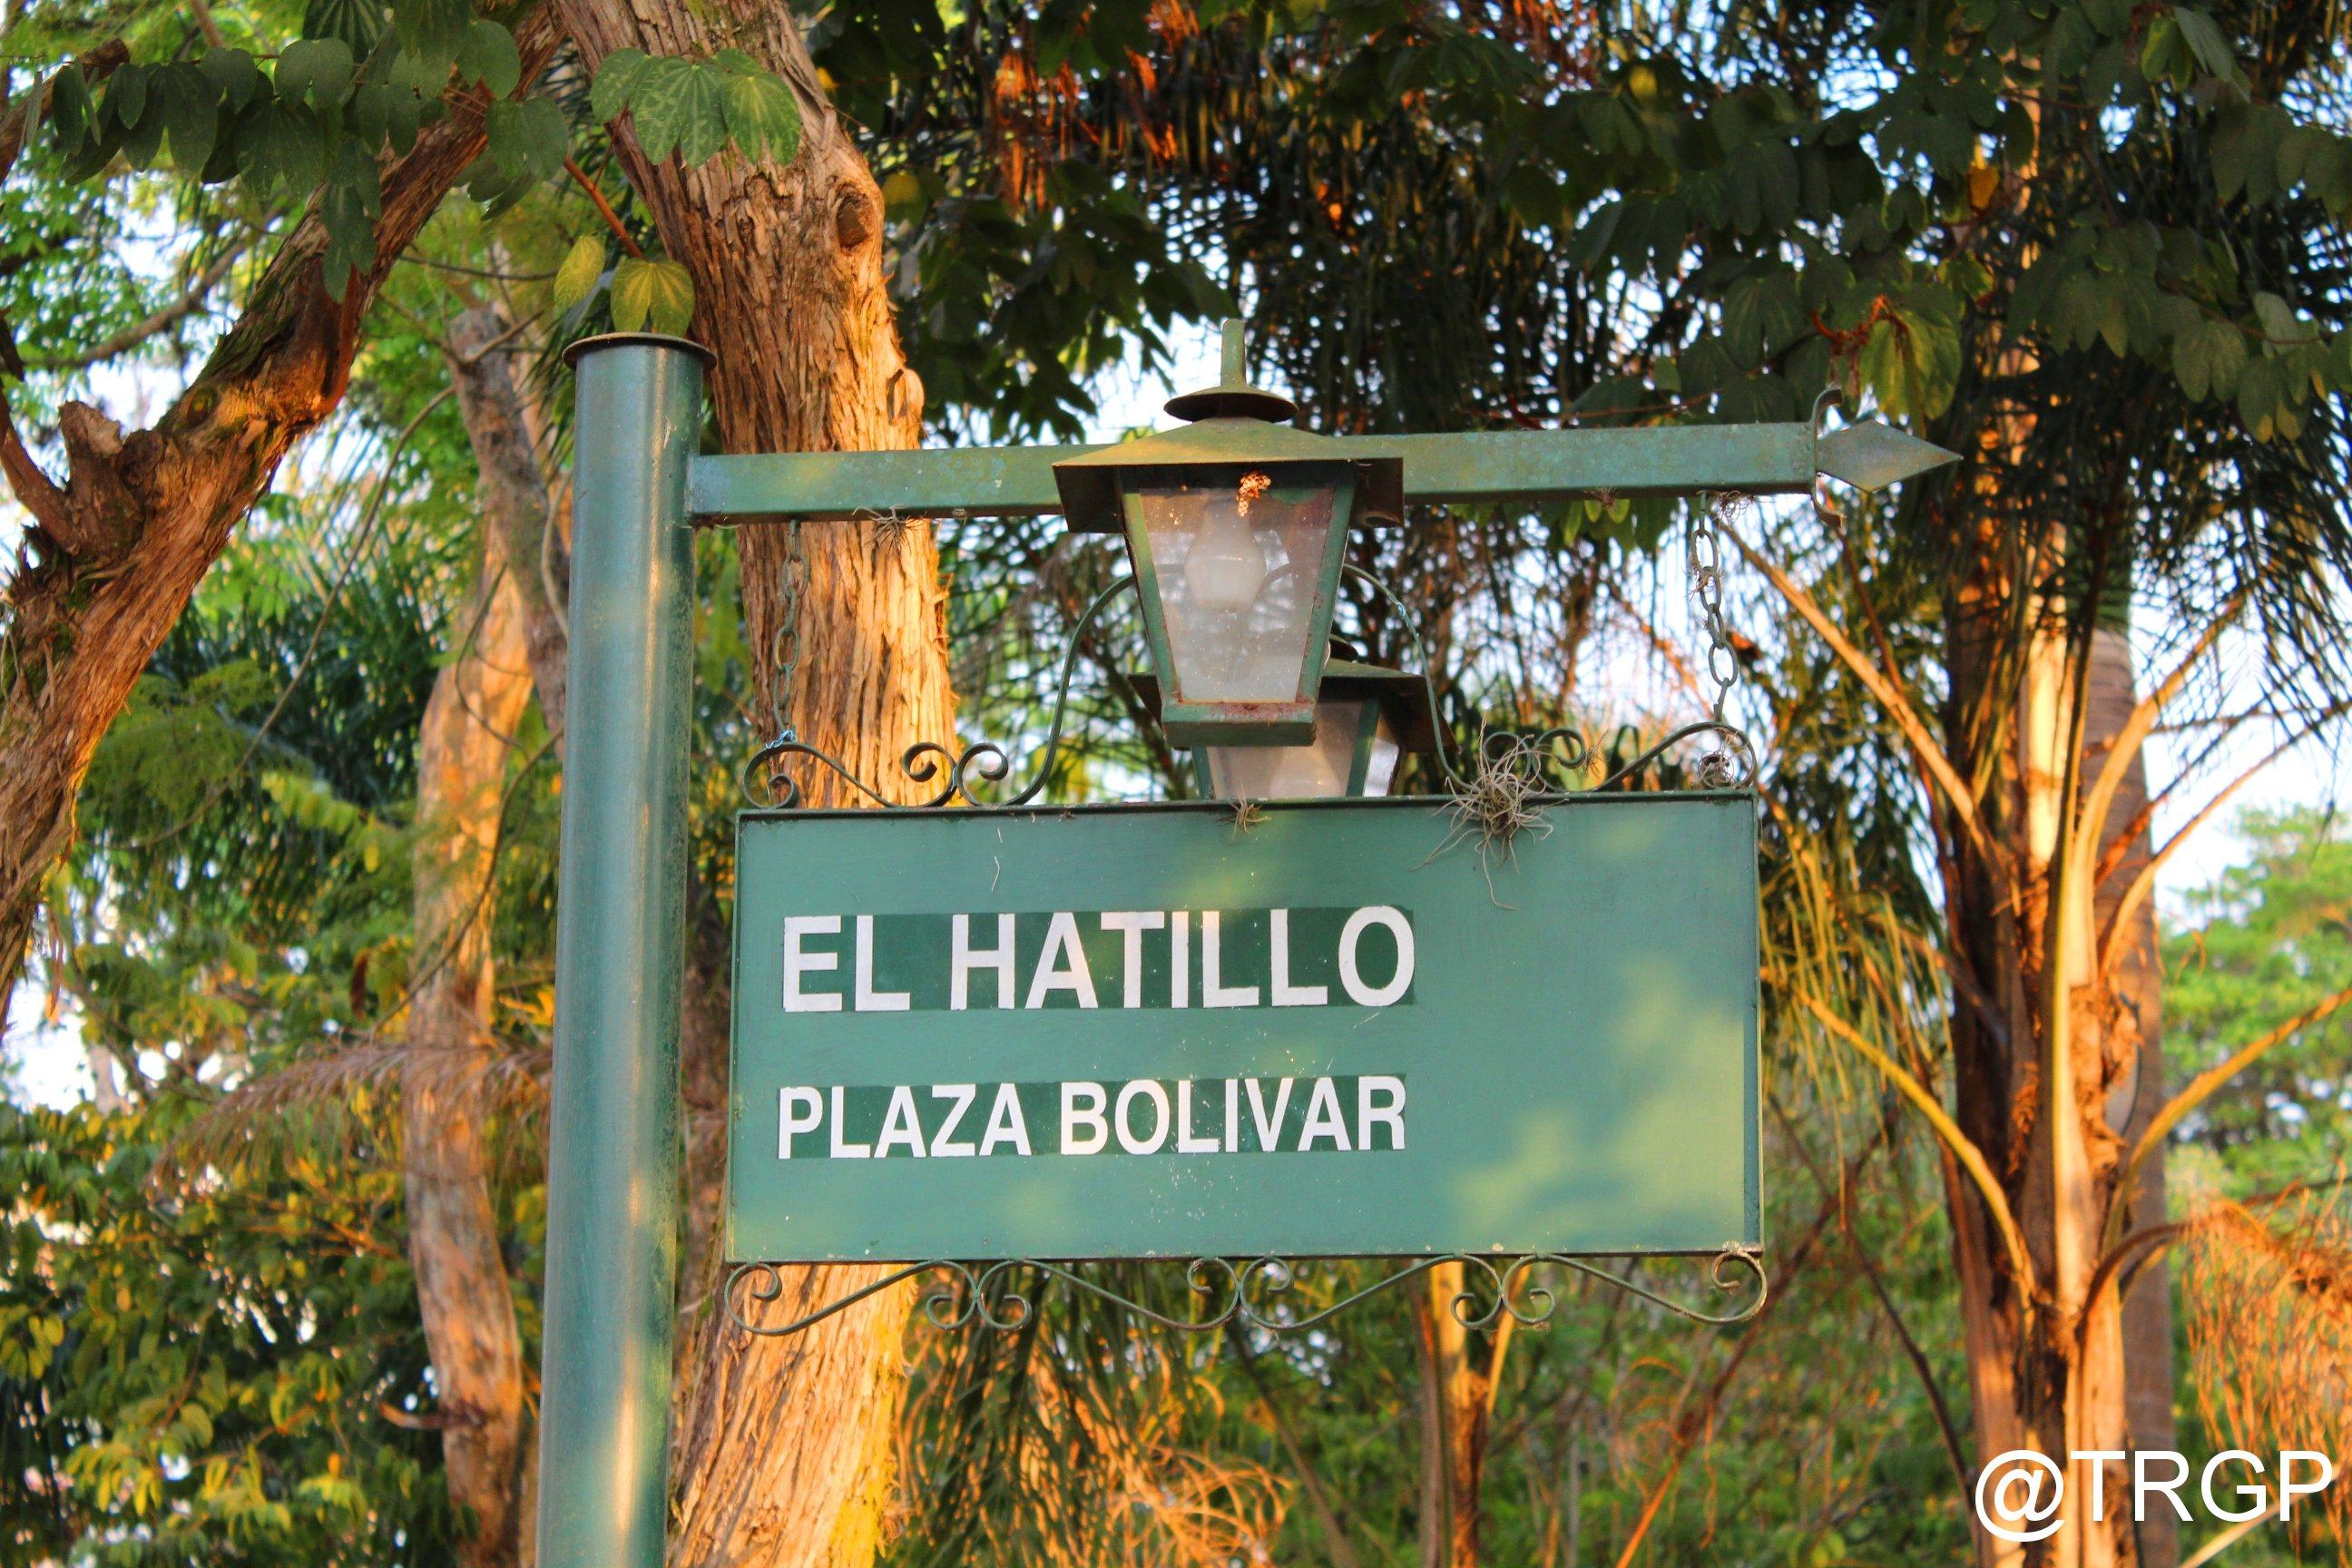 El Hatillo